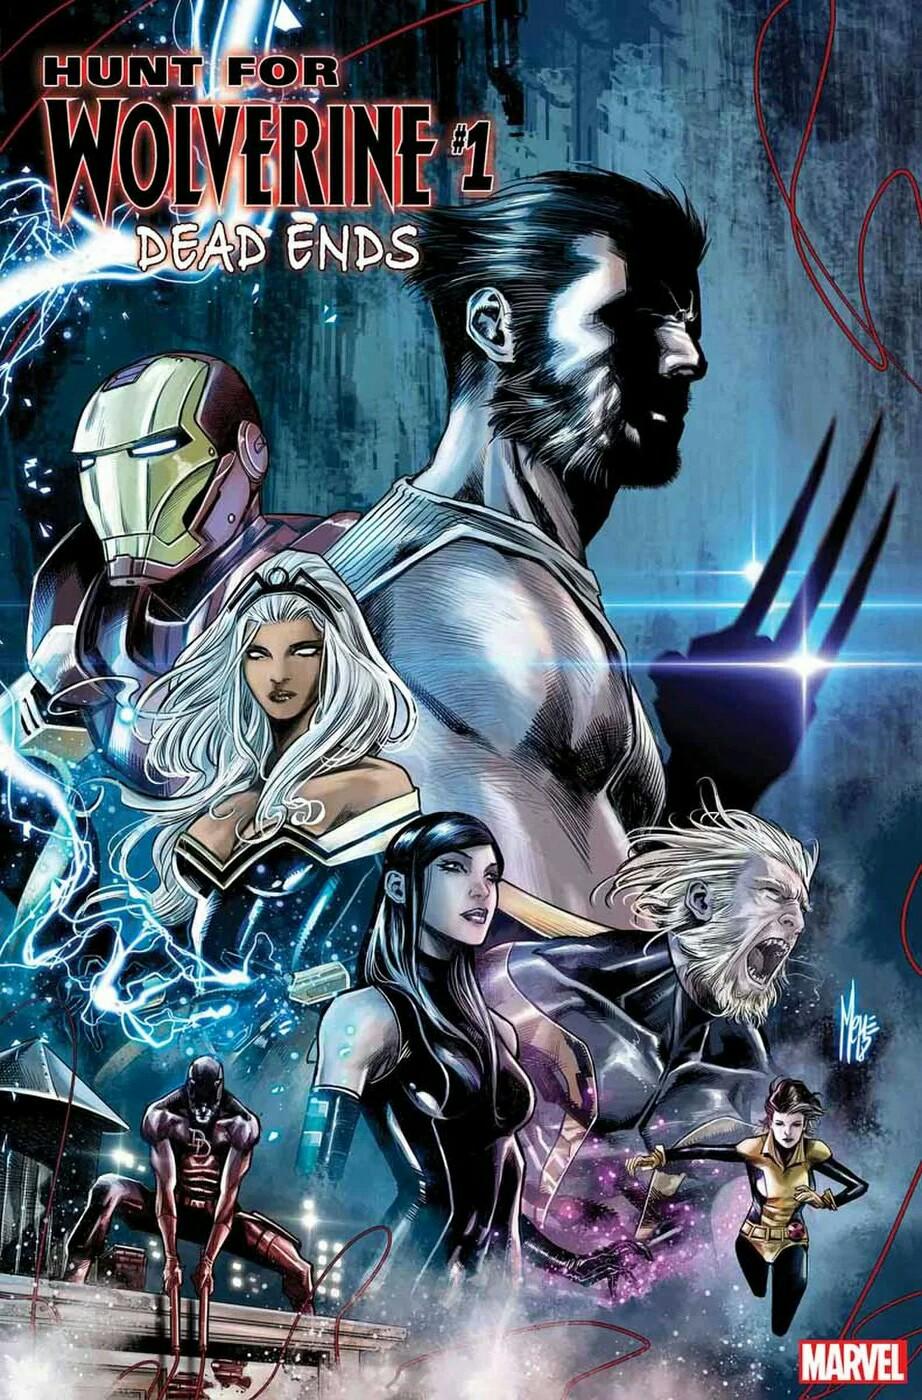 Hunt_for_Wolverine_Dead_Ends_Vol_1_1.jpg